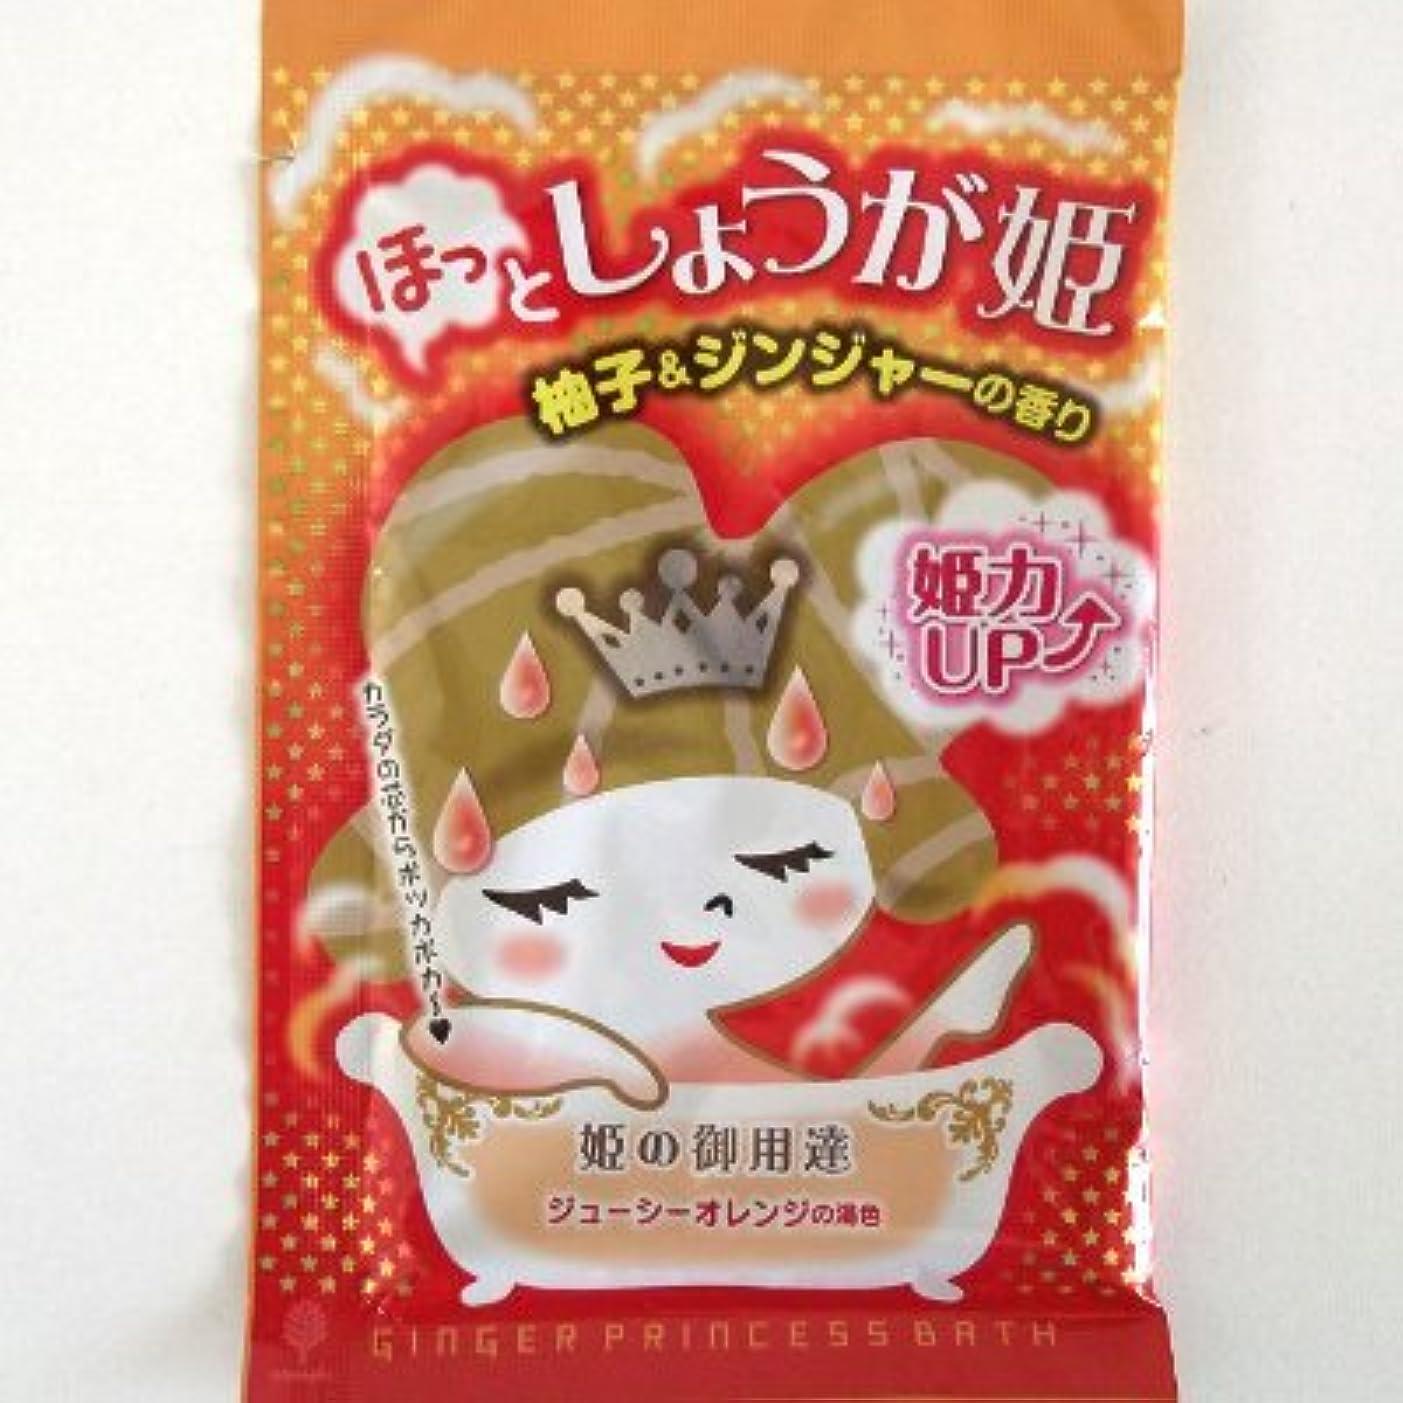 韓国語冷ややかなそのような紀陽除虫菊 ほっとしょうが姫 柚子&ジンジャーの香り【まとめ買い12個セット】 N-8400